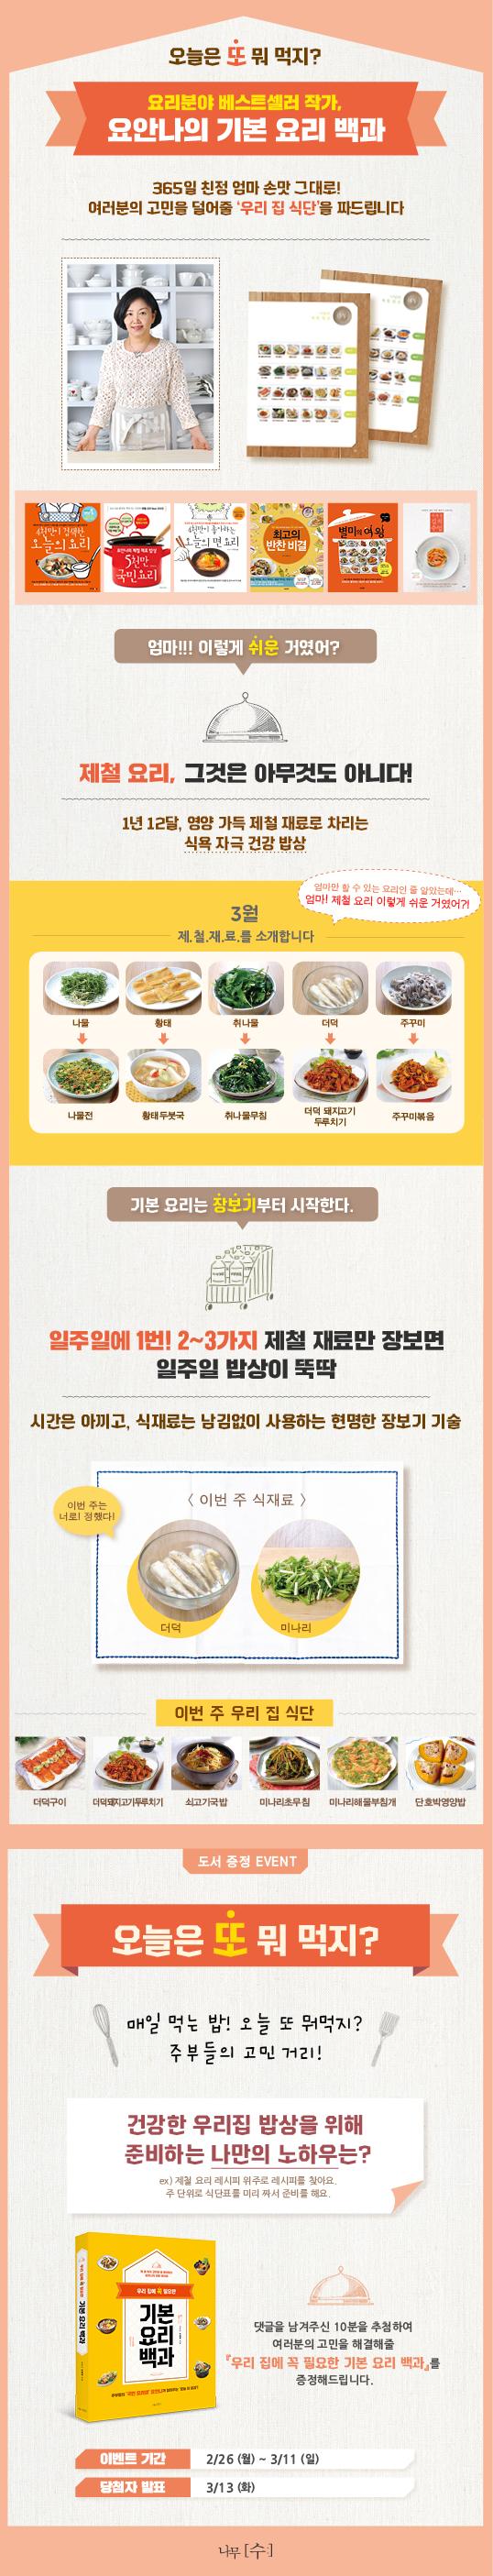 《우리 집에 꼭 필요한 기본 요리 백과》도서 증정 이벤트!